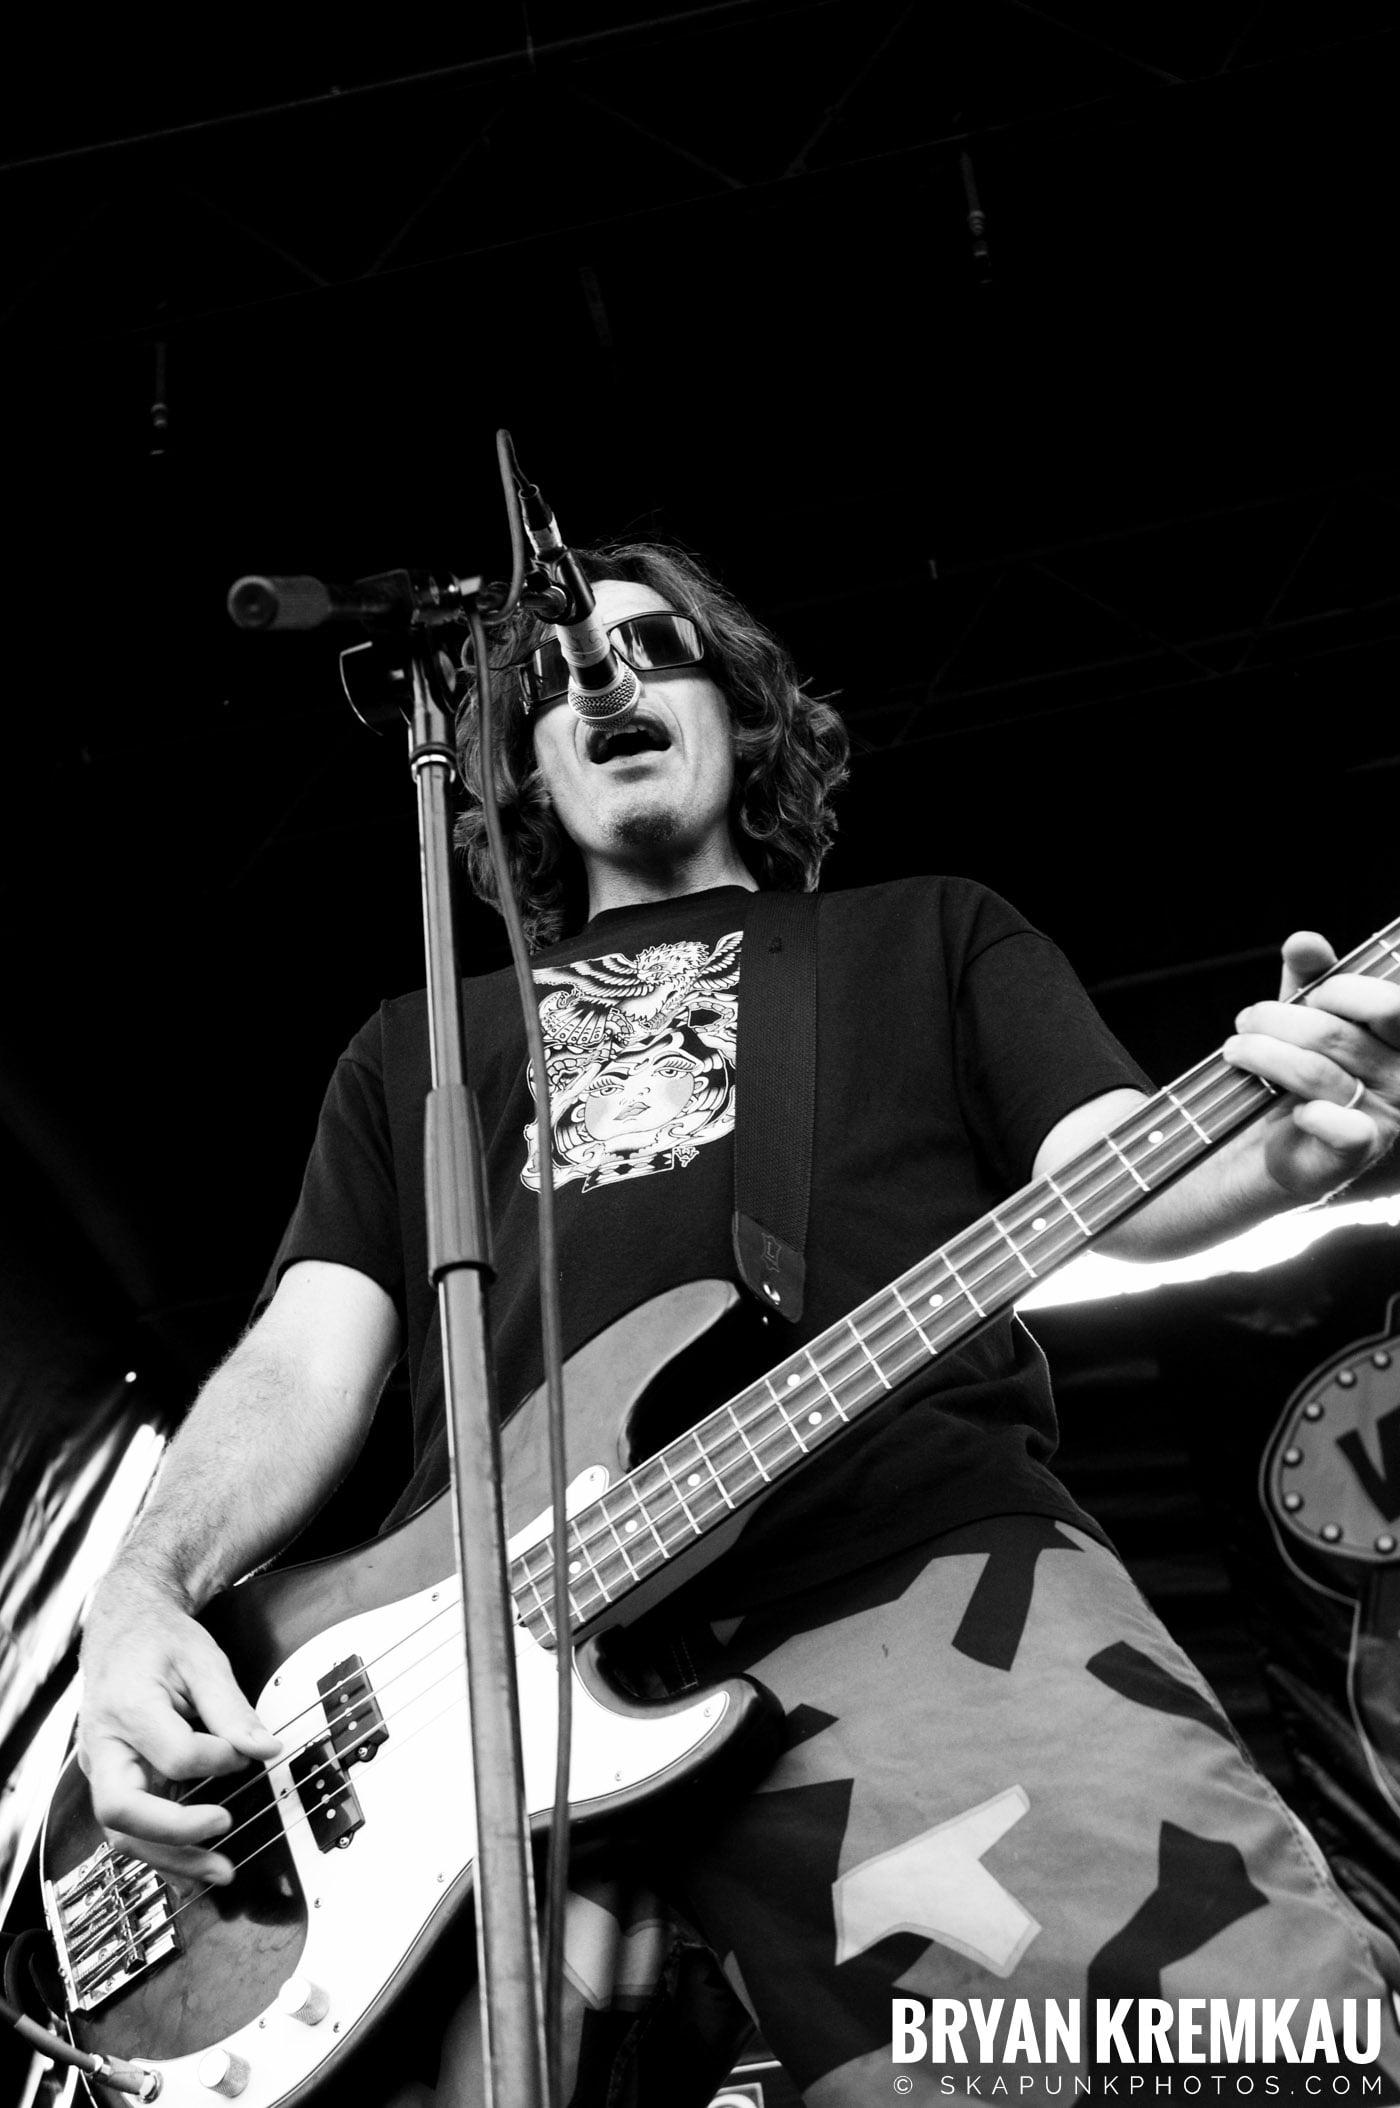 Pennywise @ Warped Tour 08, Scranton PA - 7.27.08 (1)